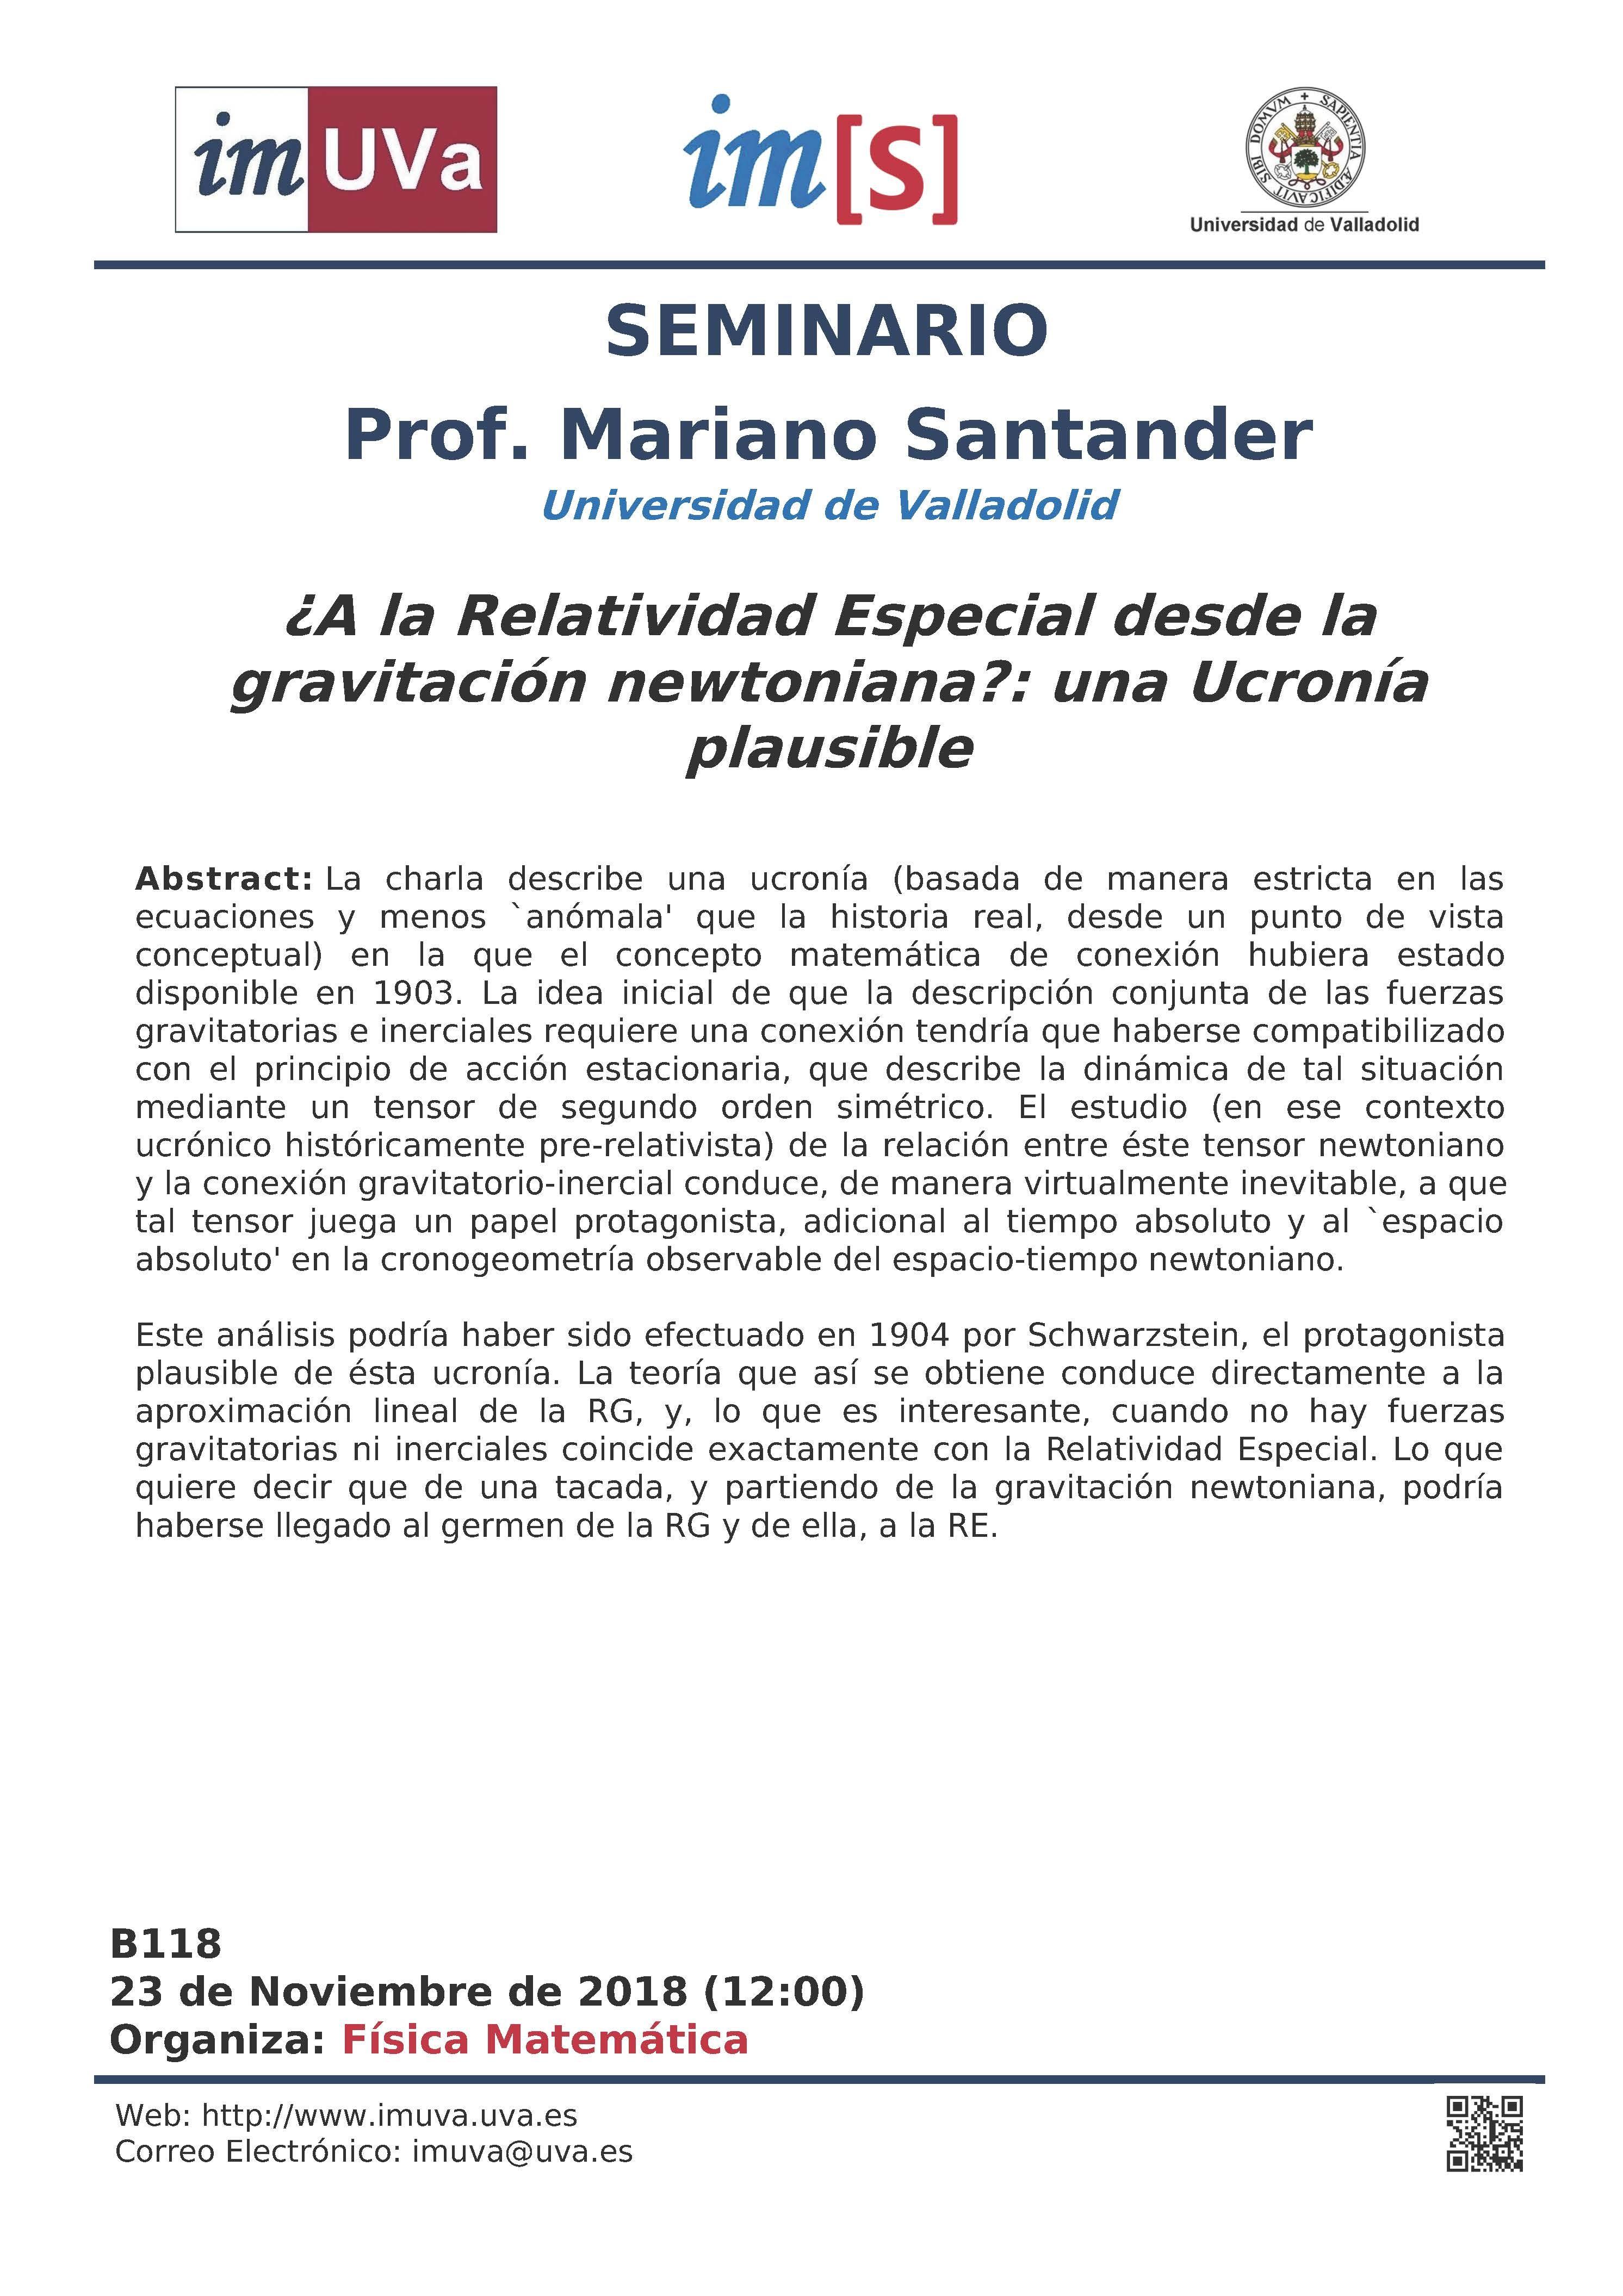 Calendario Escolar 2019 Badajoz Más Actual eventos Of Calendario Escolar 2019 Badajoz Recientes Calaméo Gara